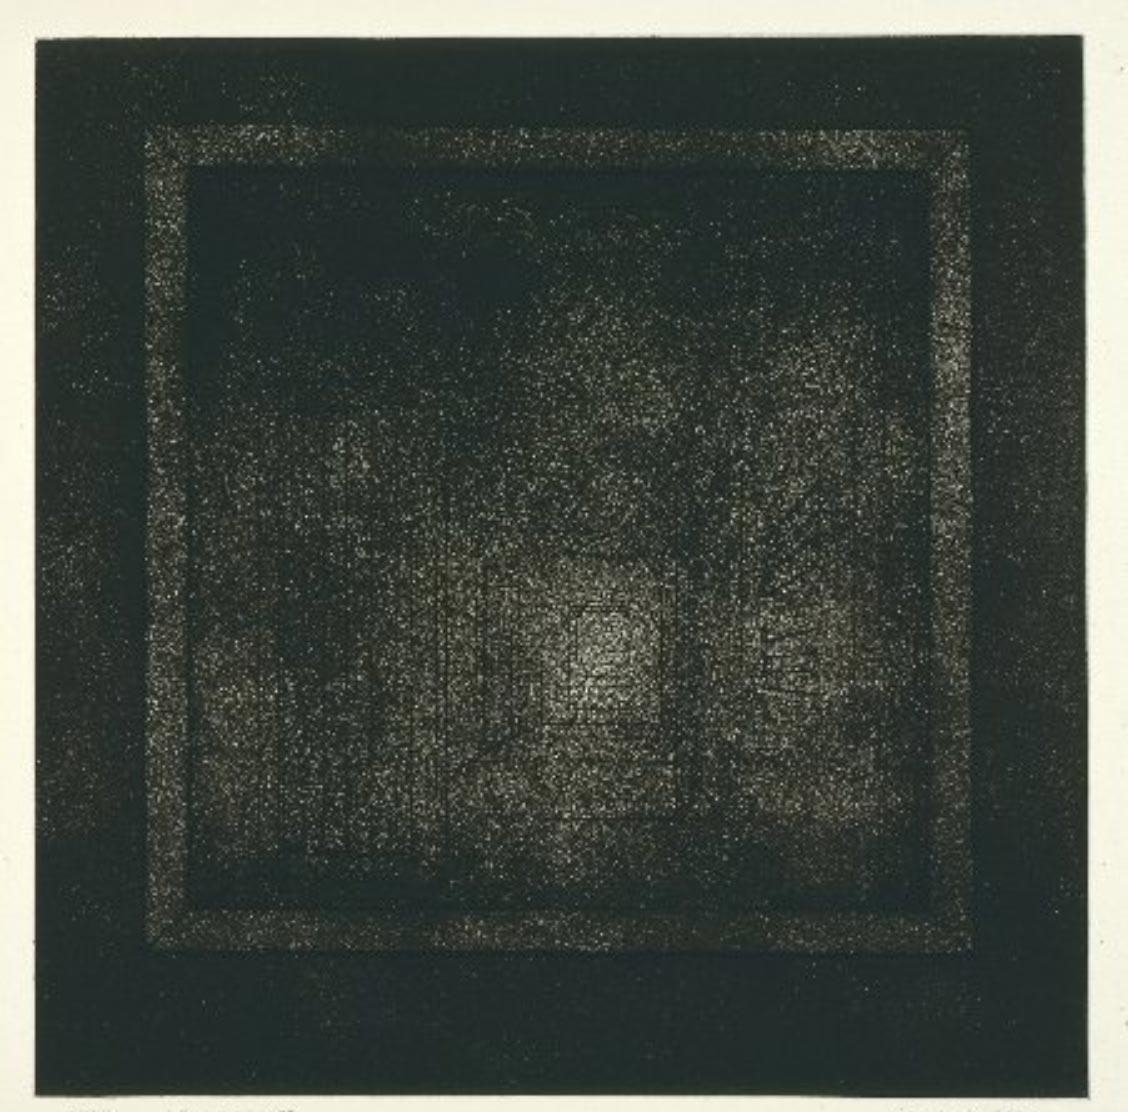 XXXV   1974  48,7x49,4 cm